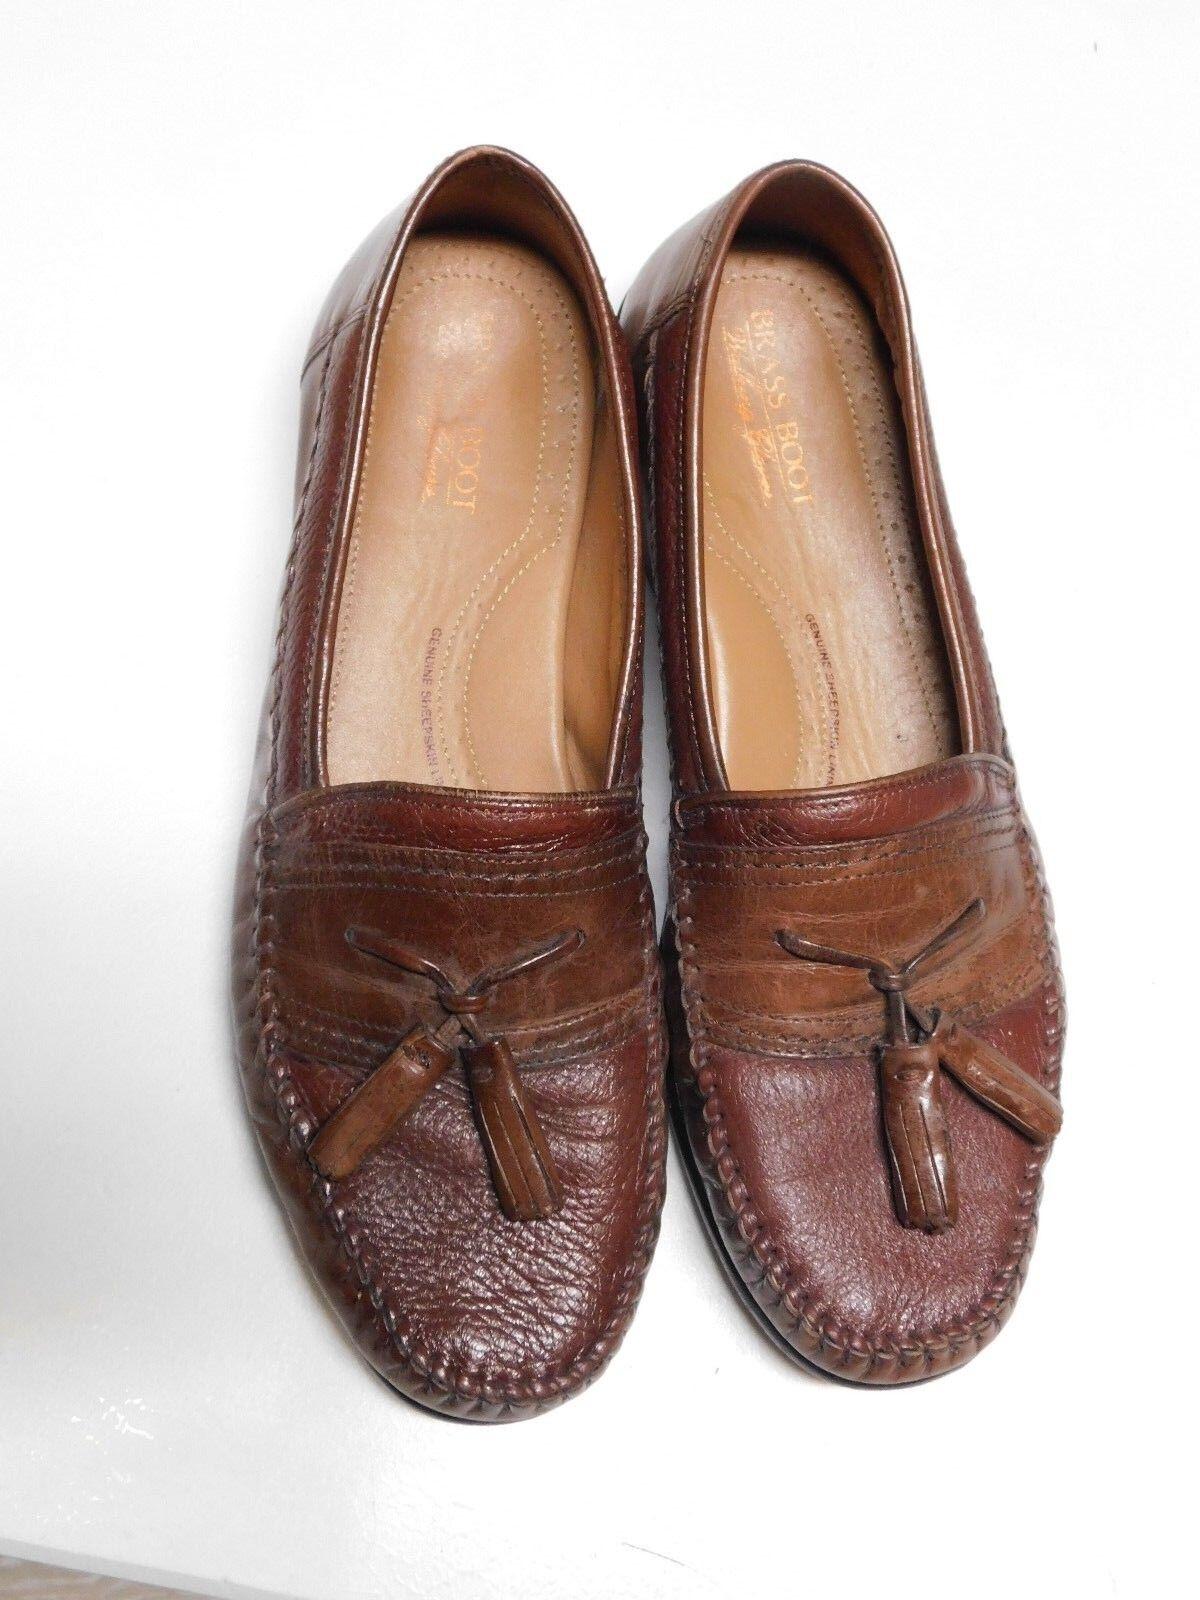 Brass Boots Walking Loafers Glove Sheepskin Leather Tassel Loafers Walking 10.5M 443406